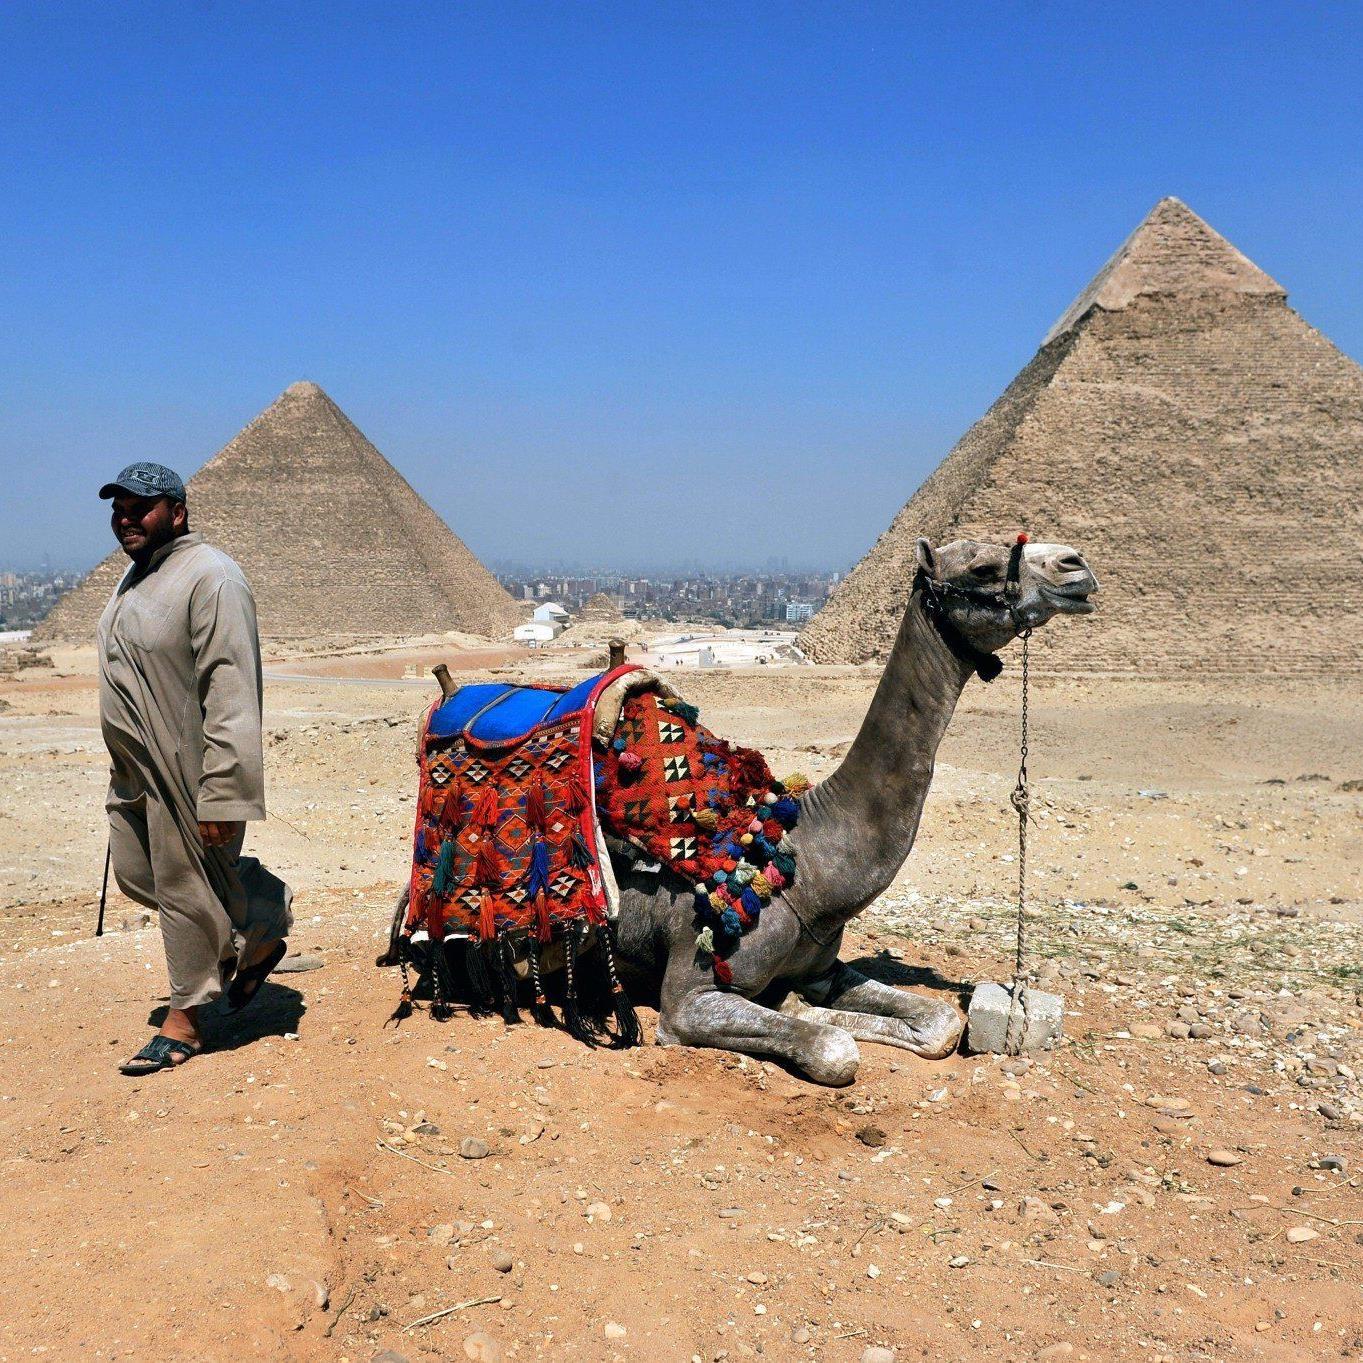 Nach Ägypten gibt es keine Flüge mehr - nur zurück.